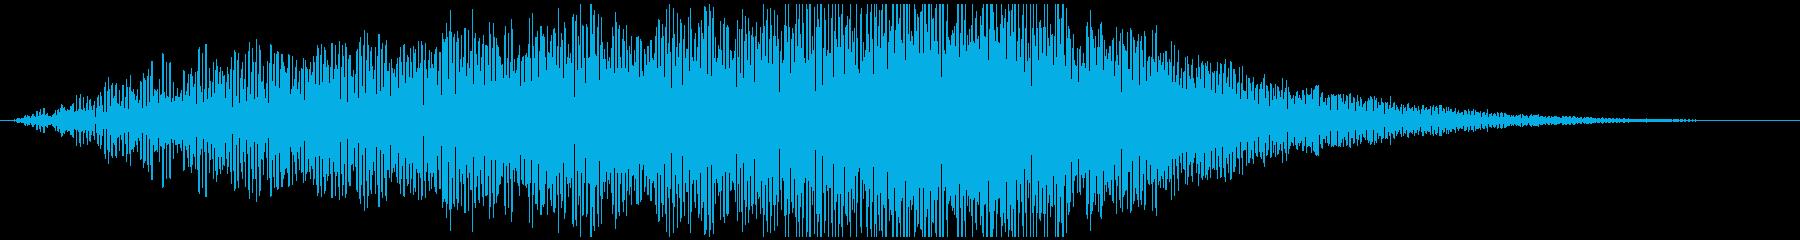 SWELL ゴロゴロうねり01の再生済みの波形